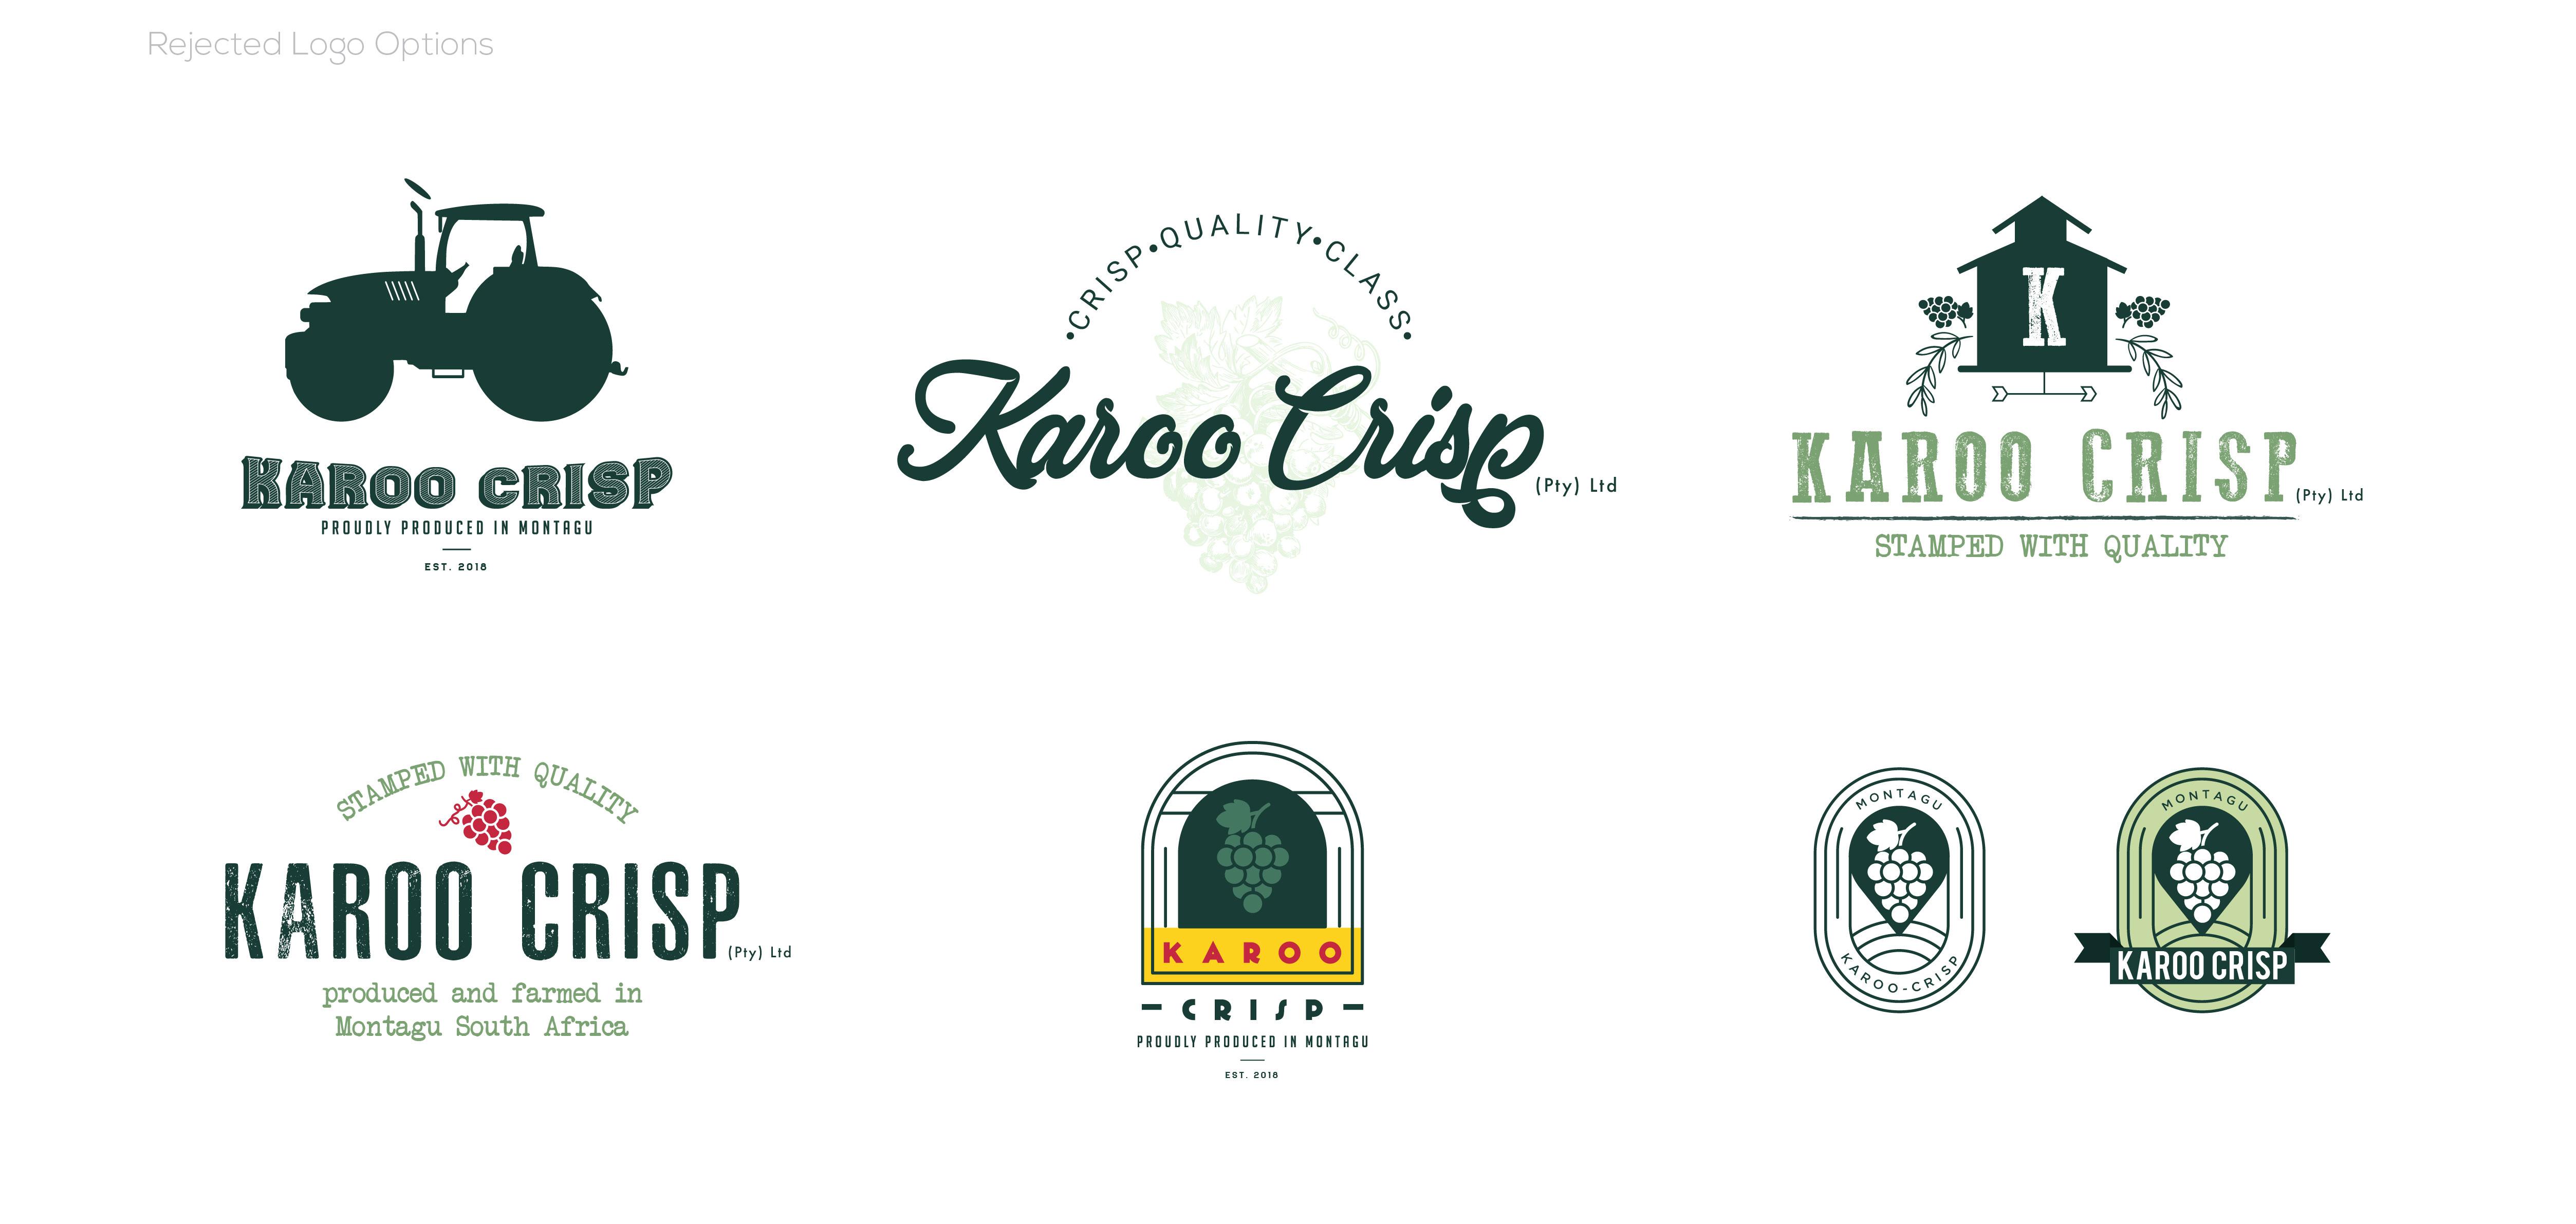 karoo_crisp-09t